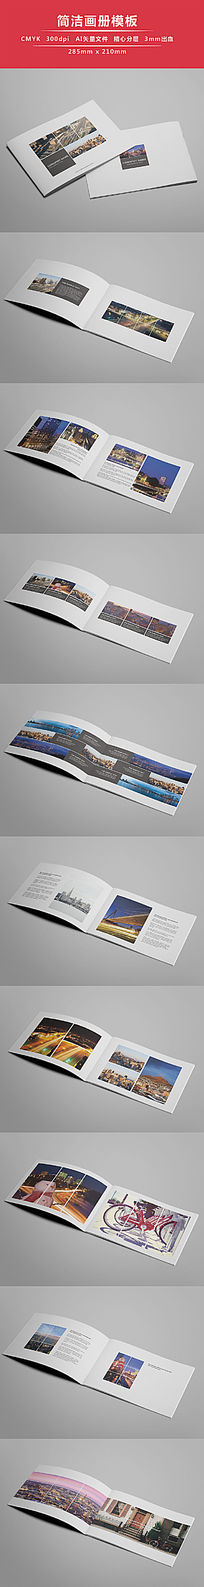 个人相册画集个人摄影作品画册设计